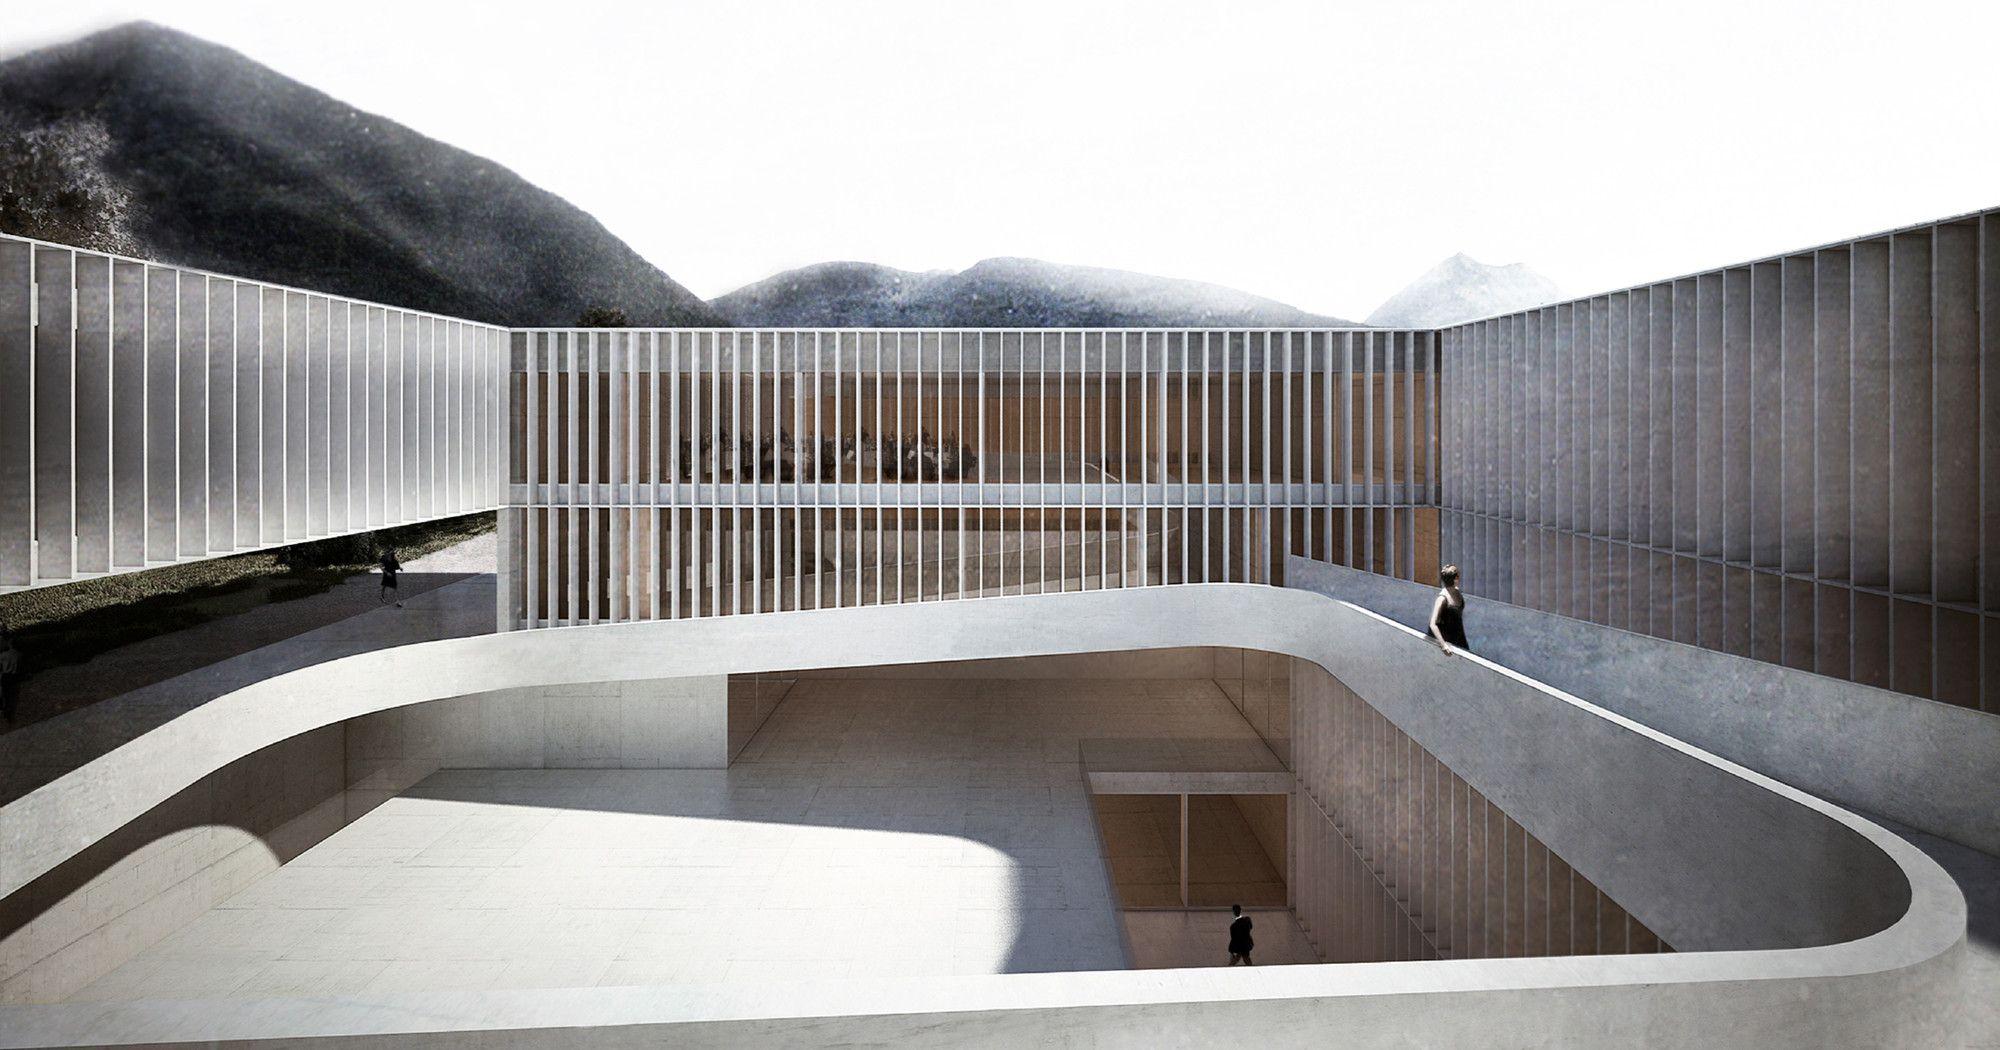 Galeria - Aires Mateus + GSMM Architetti recebem menção honrosa em concurso para uma escola de música na Itália - 7